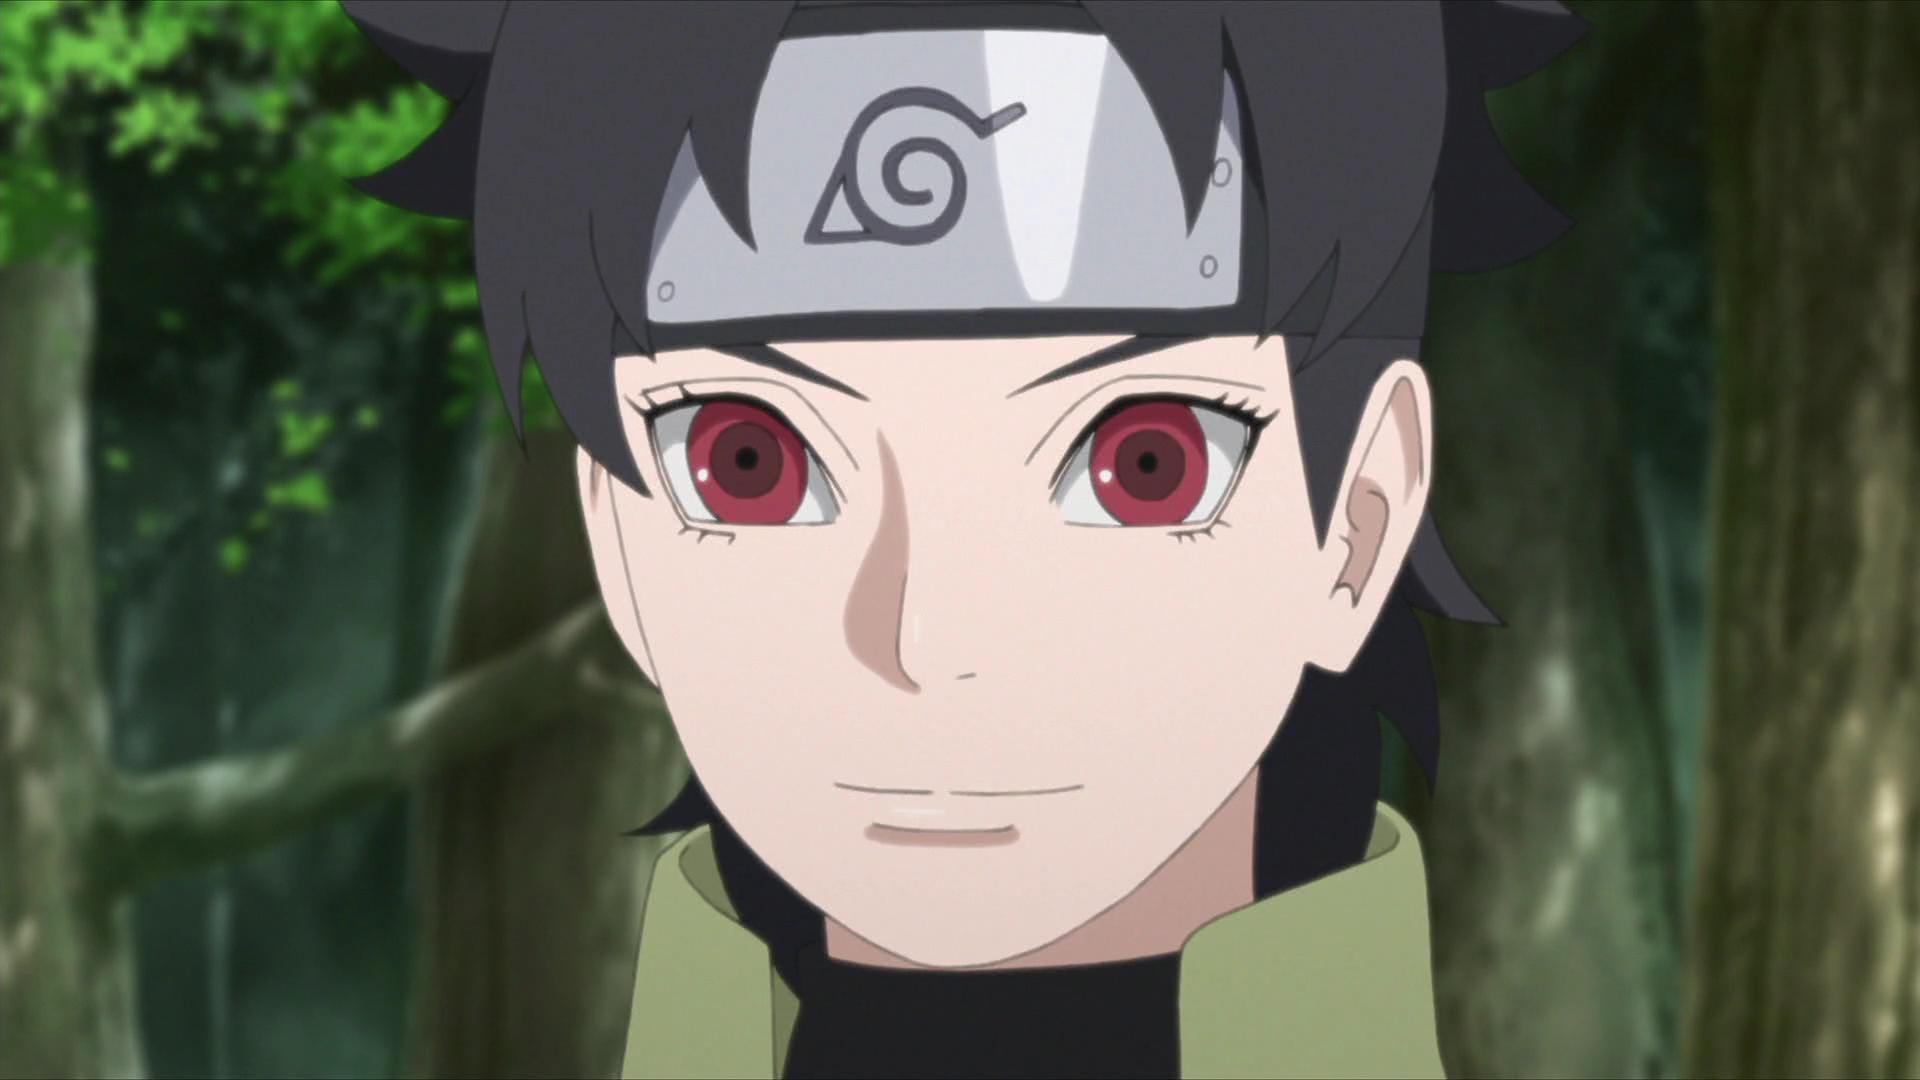 Mirai Sarutobi Naruto Wiki Fandom Mirai sarutobi مانجات ظهر فيها. mirai sarutobi naruto wiki fandom